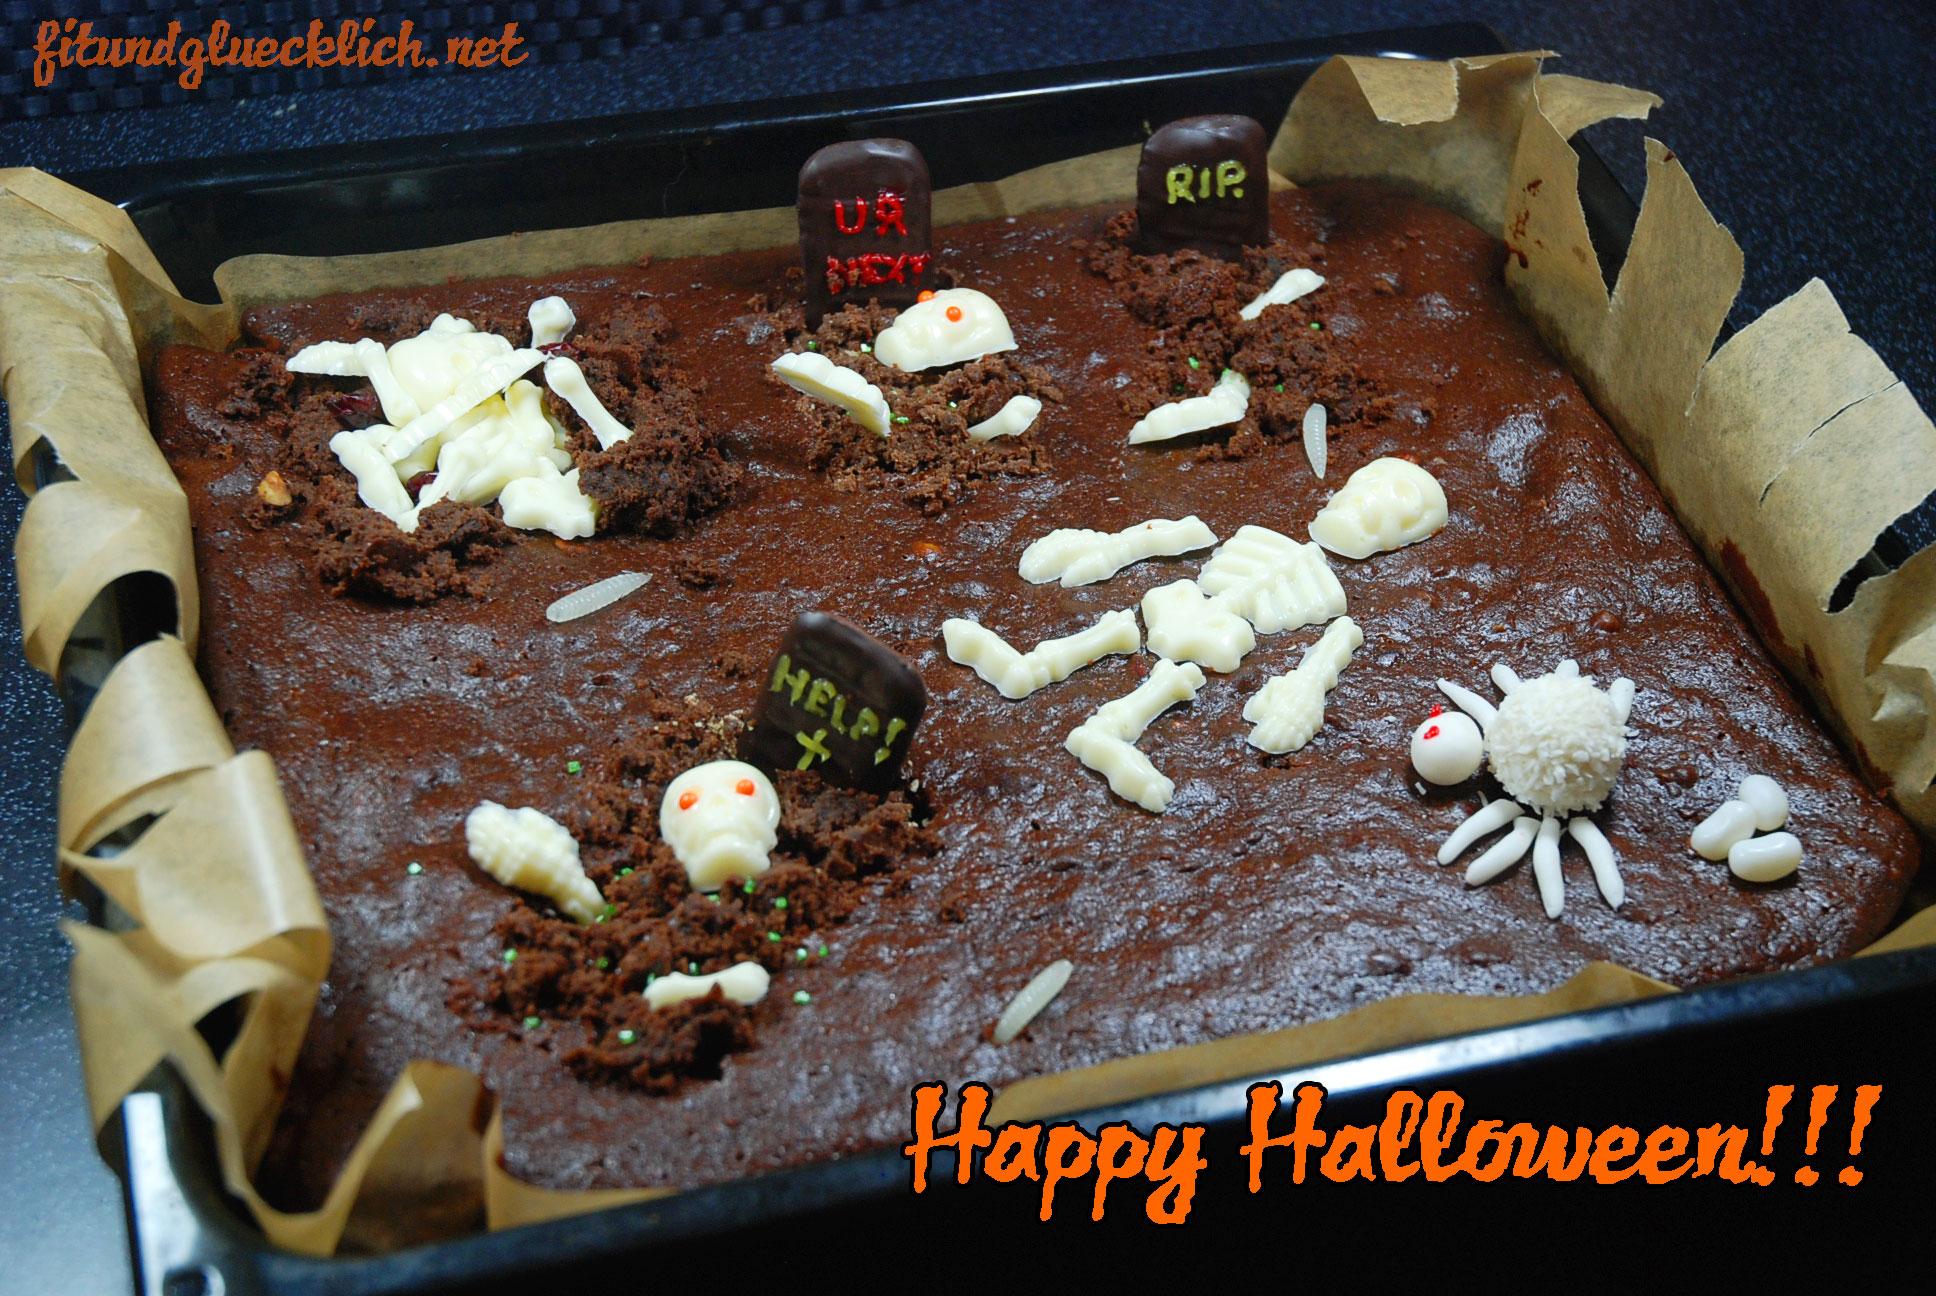 friedhofs nutella brownies graveyard nutella brownies fit happy. Black Bedroom Furniture Sets. Home Design Ideas